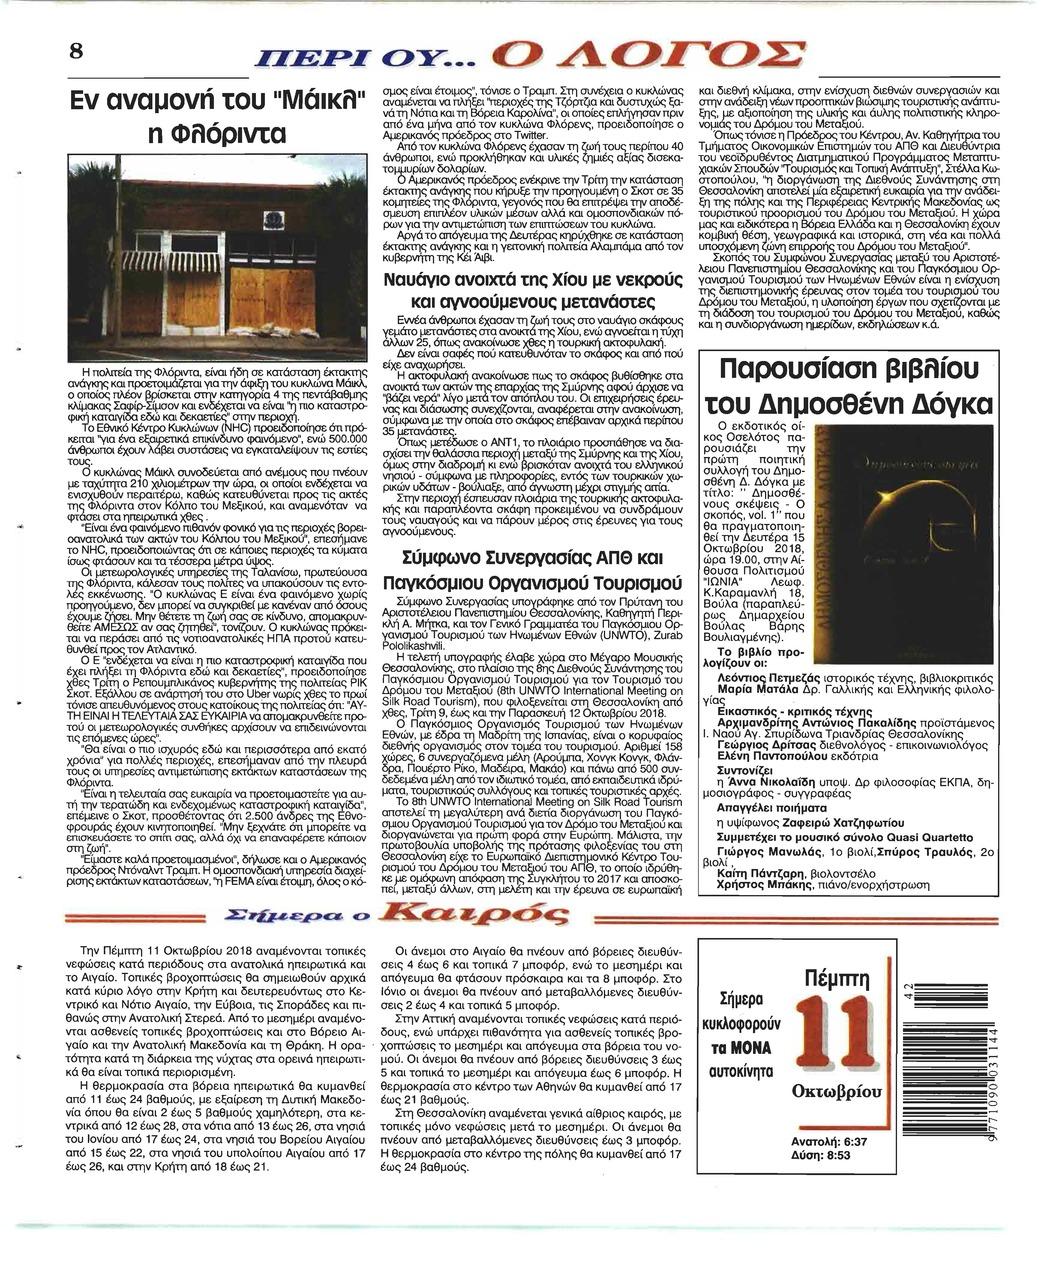 Οπισθόφυλλο εφημερίδας ����������